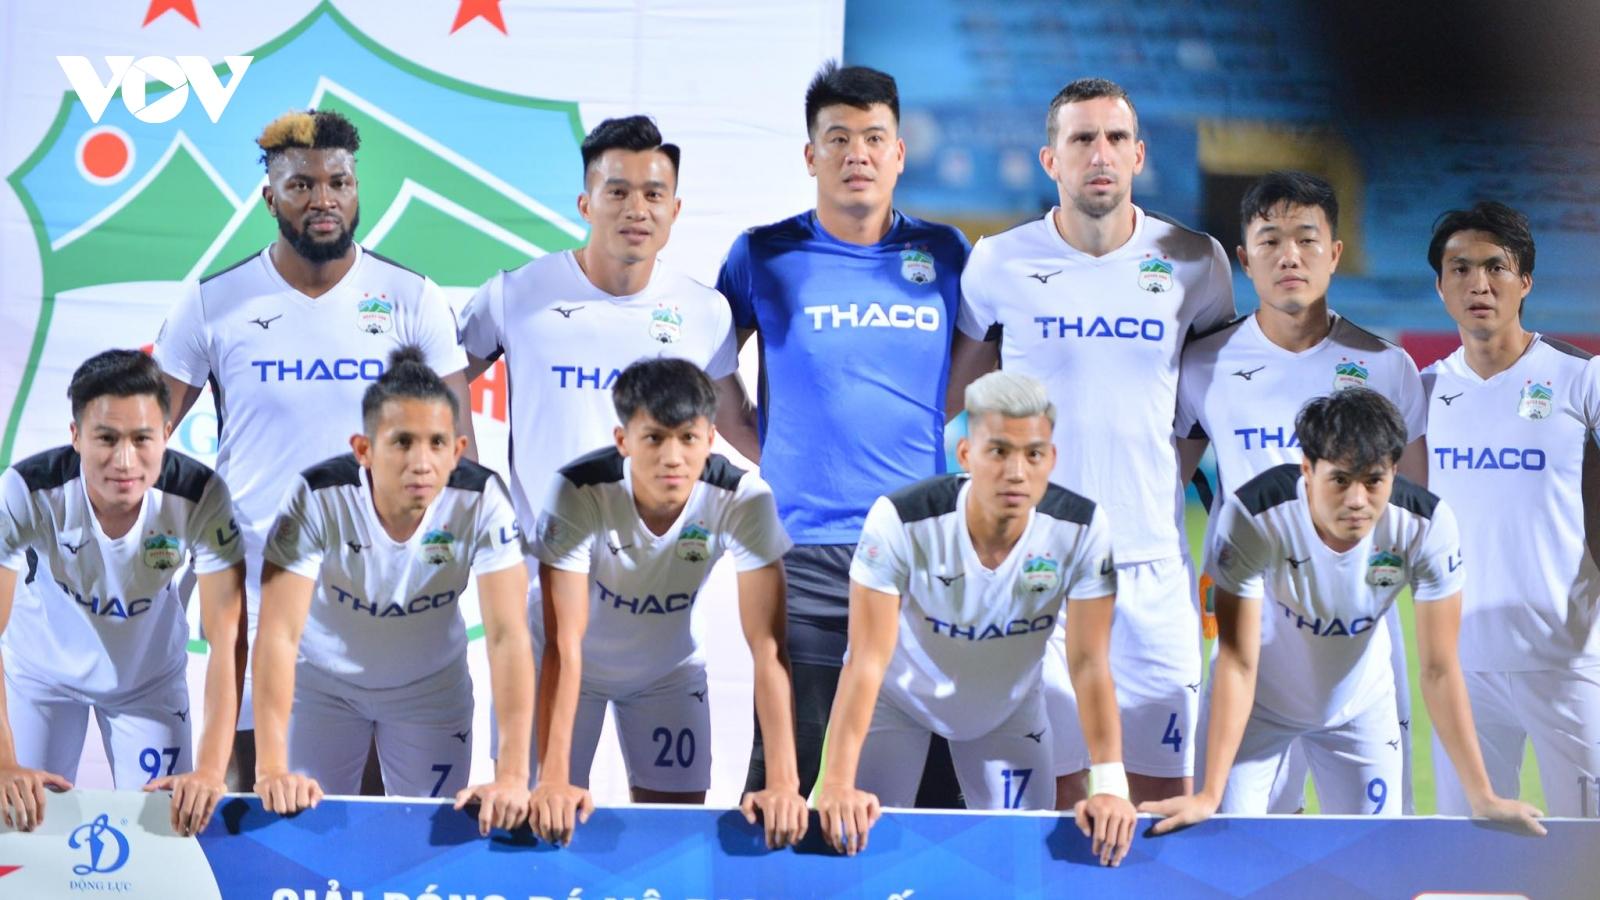 Lịch thi đấu vòng 2 giai đoạn II V-League 2020: HAGL đại chiến Hà Nội FC